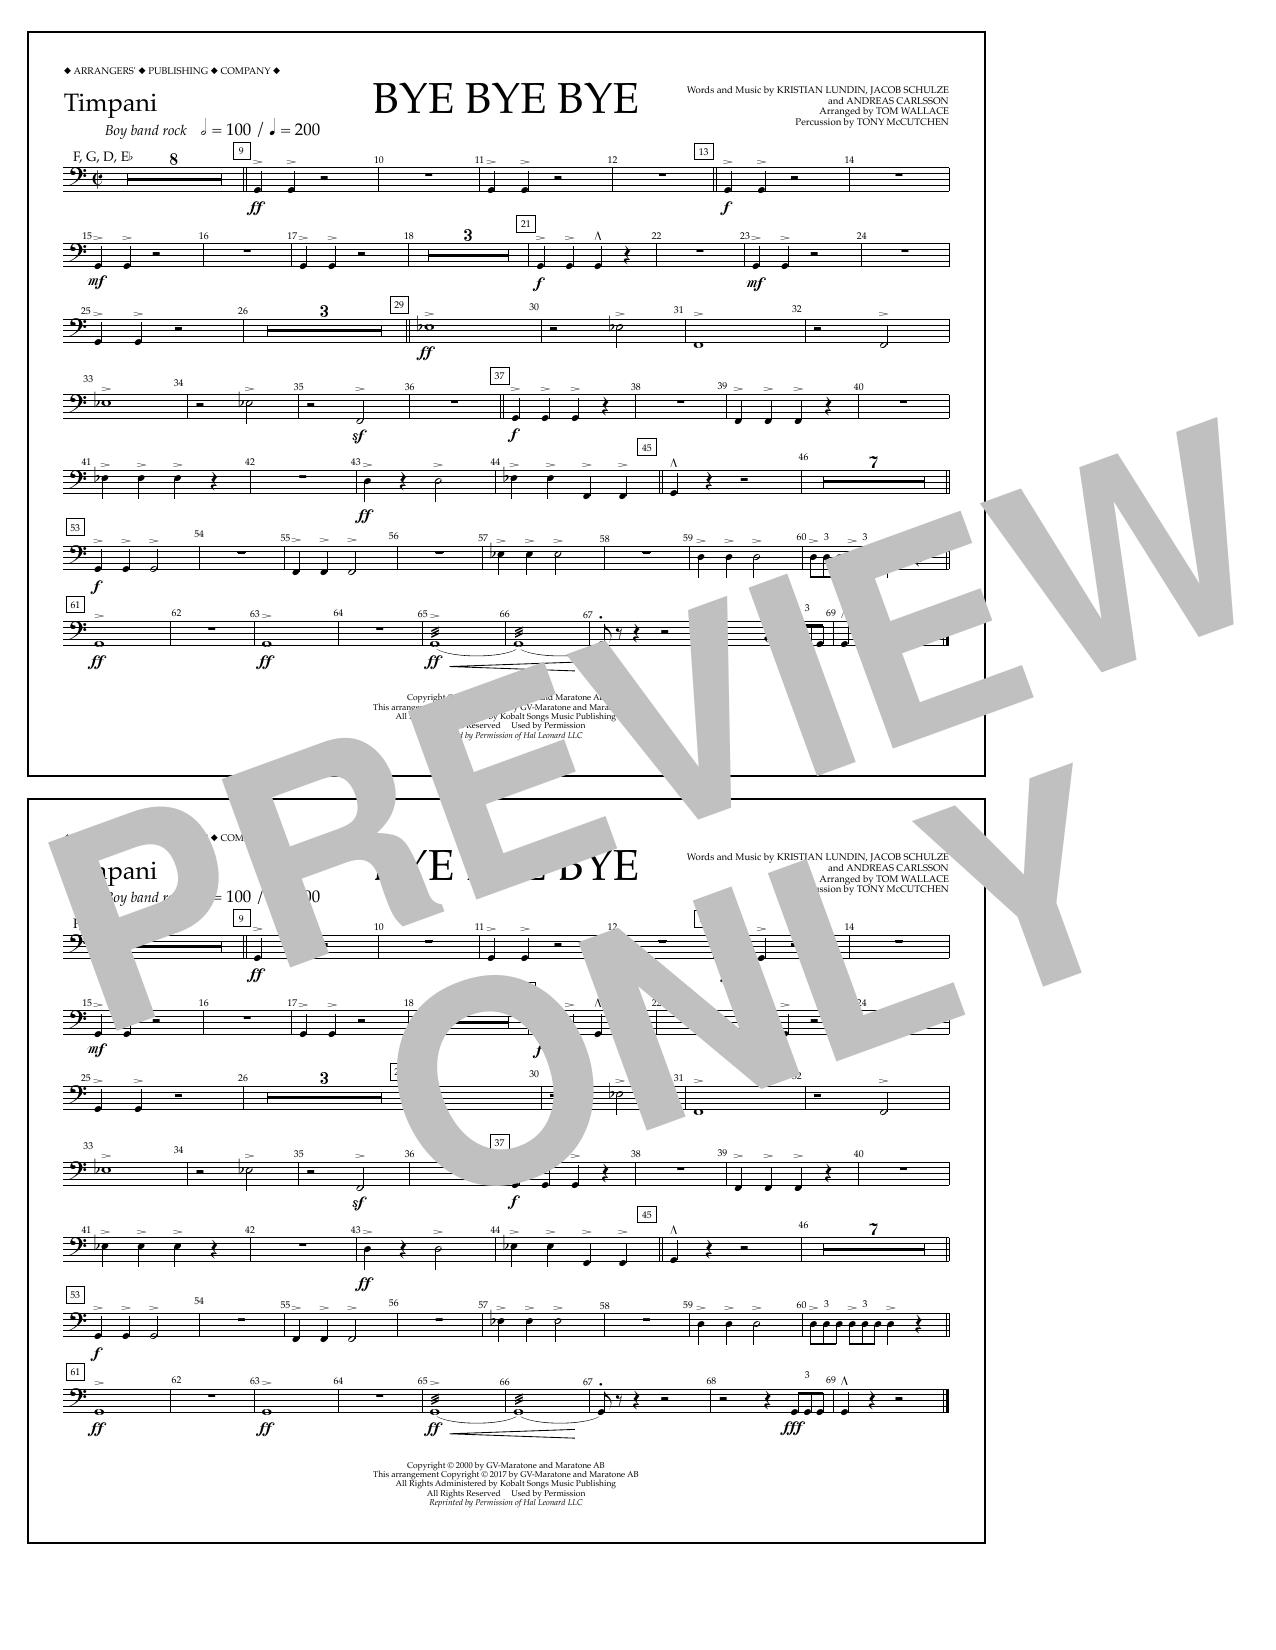 Bye Bye Bye - Timpani Sheet Music